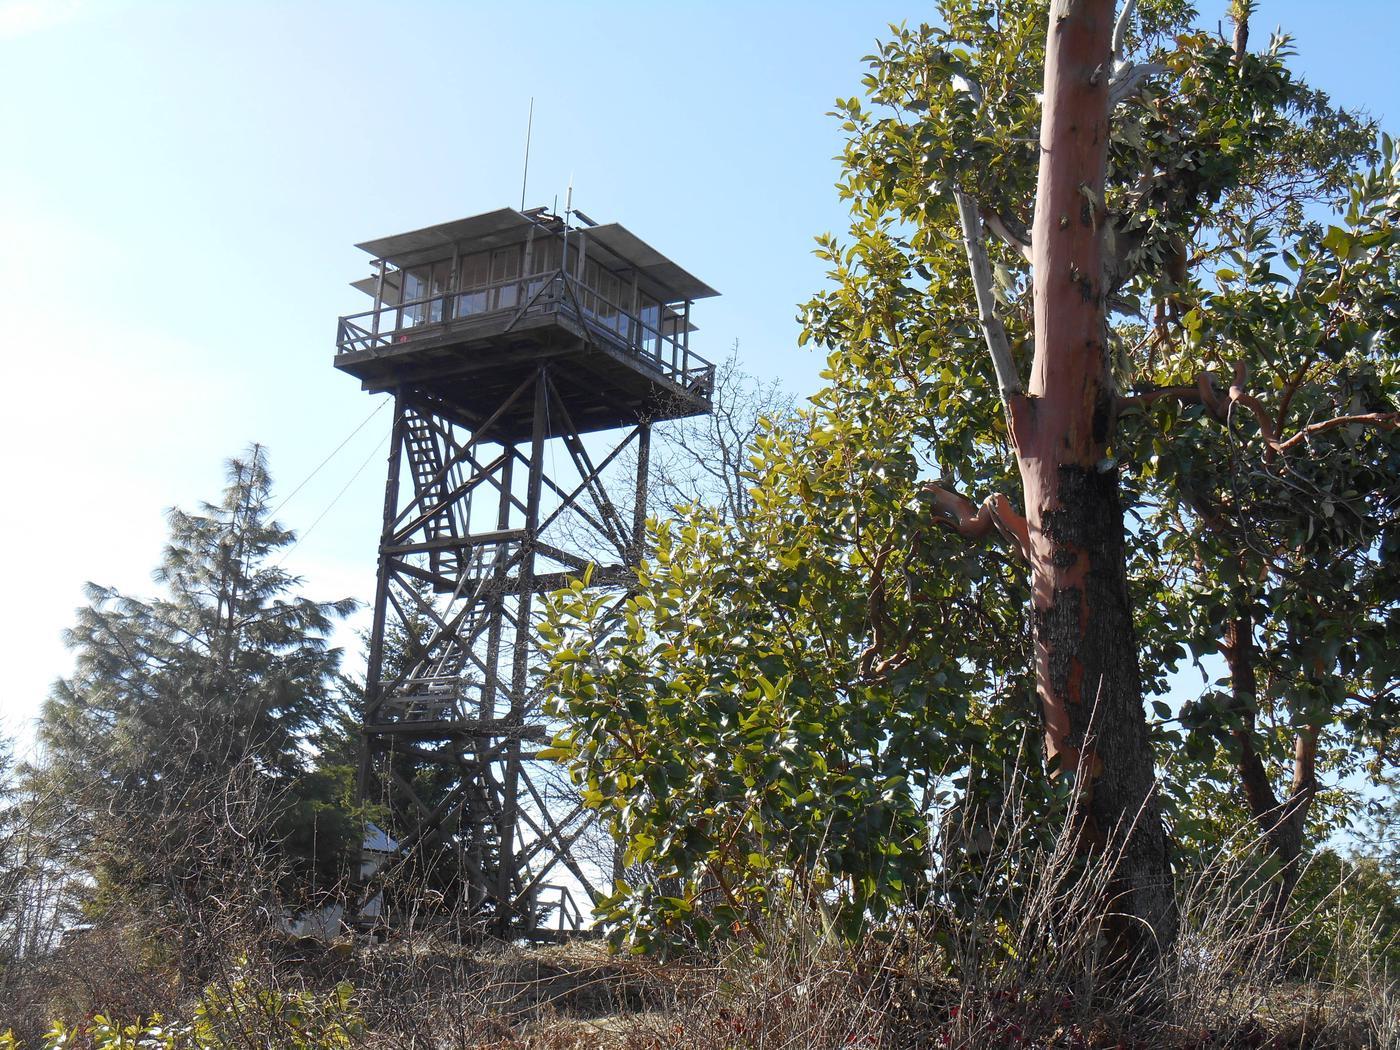 PICKETT BUTTE LOOKOUTApproaching Pickett Butte Lookout